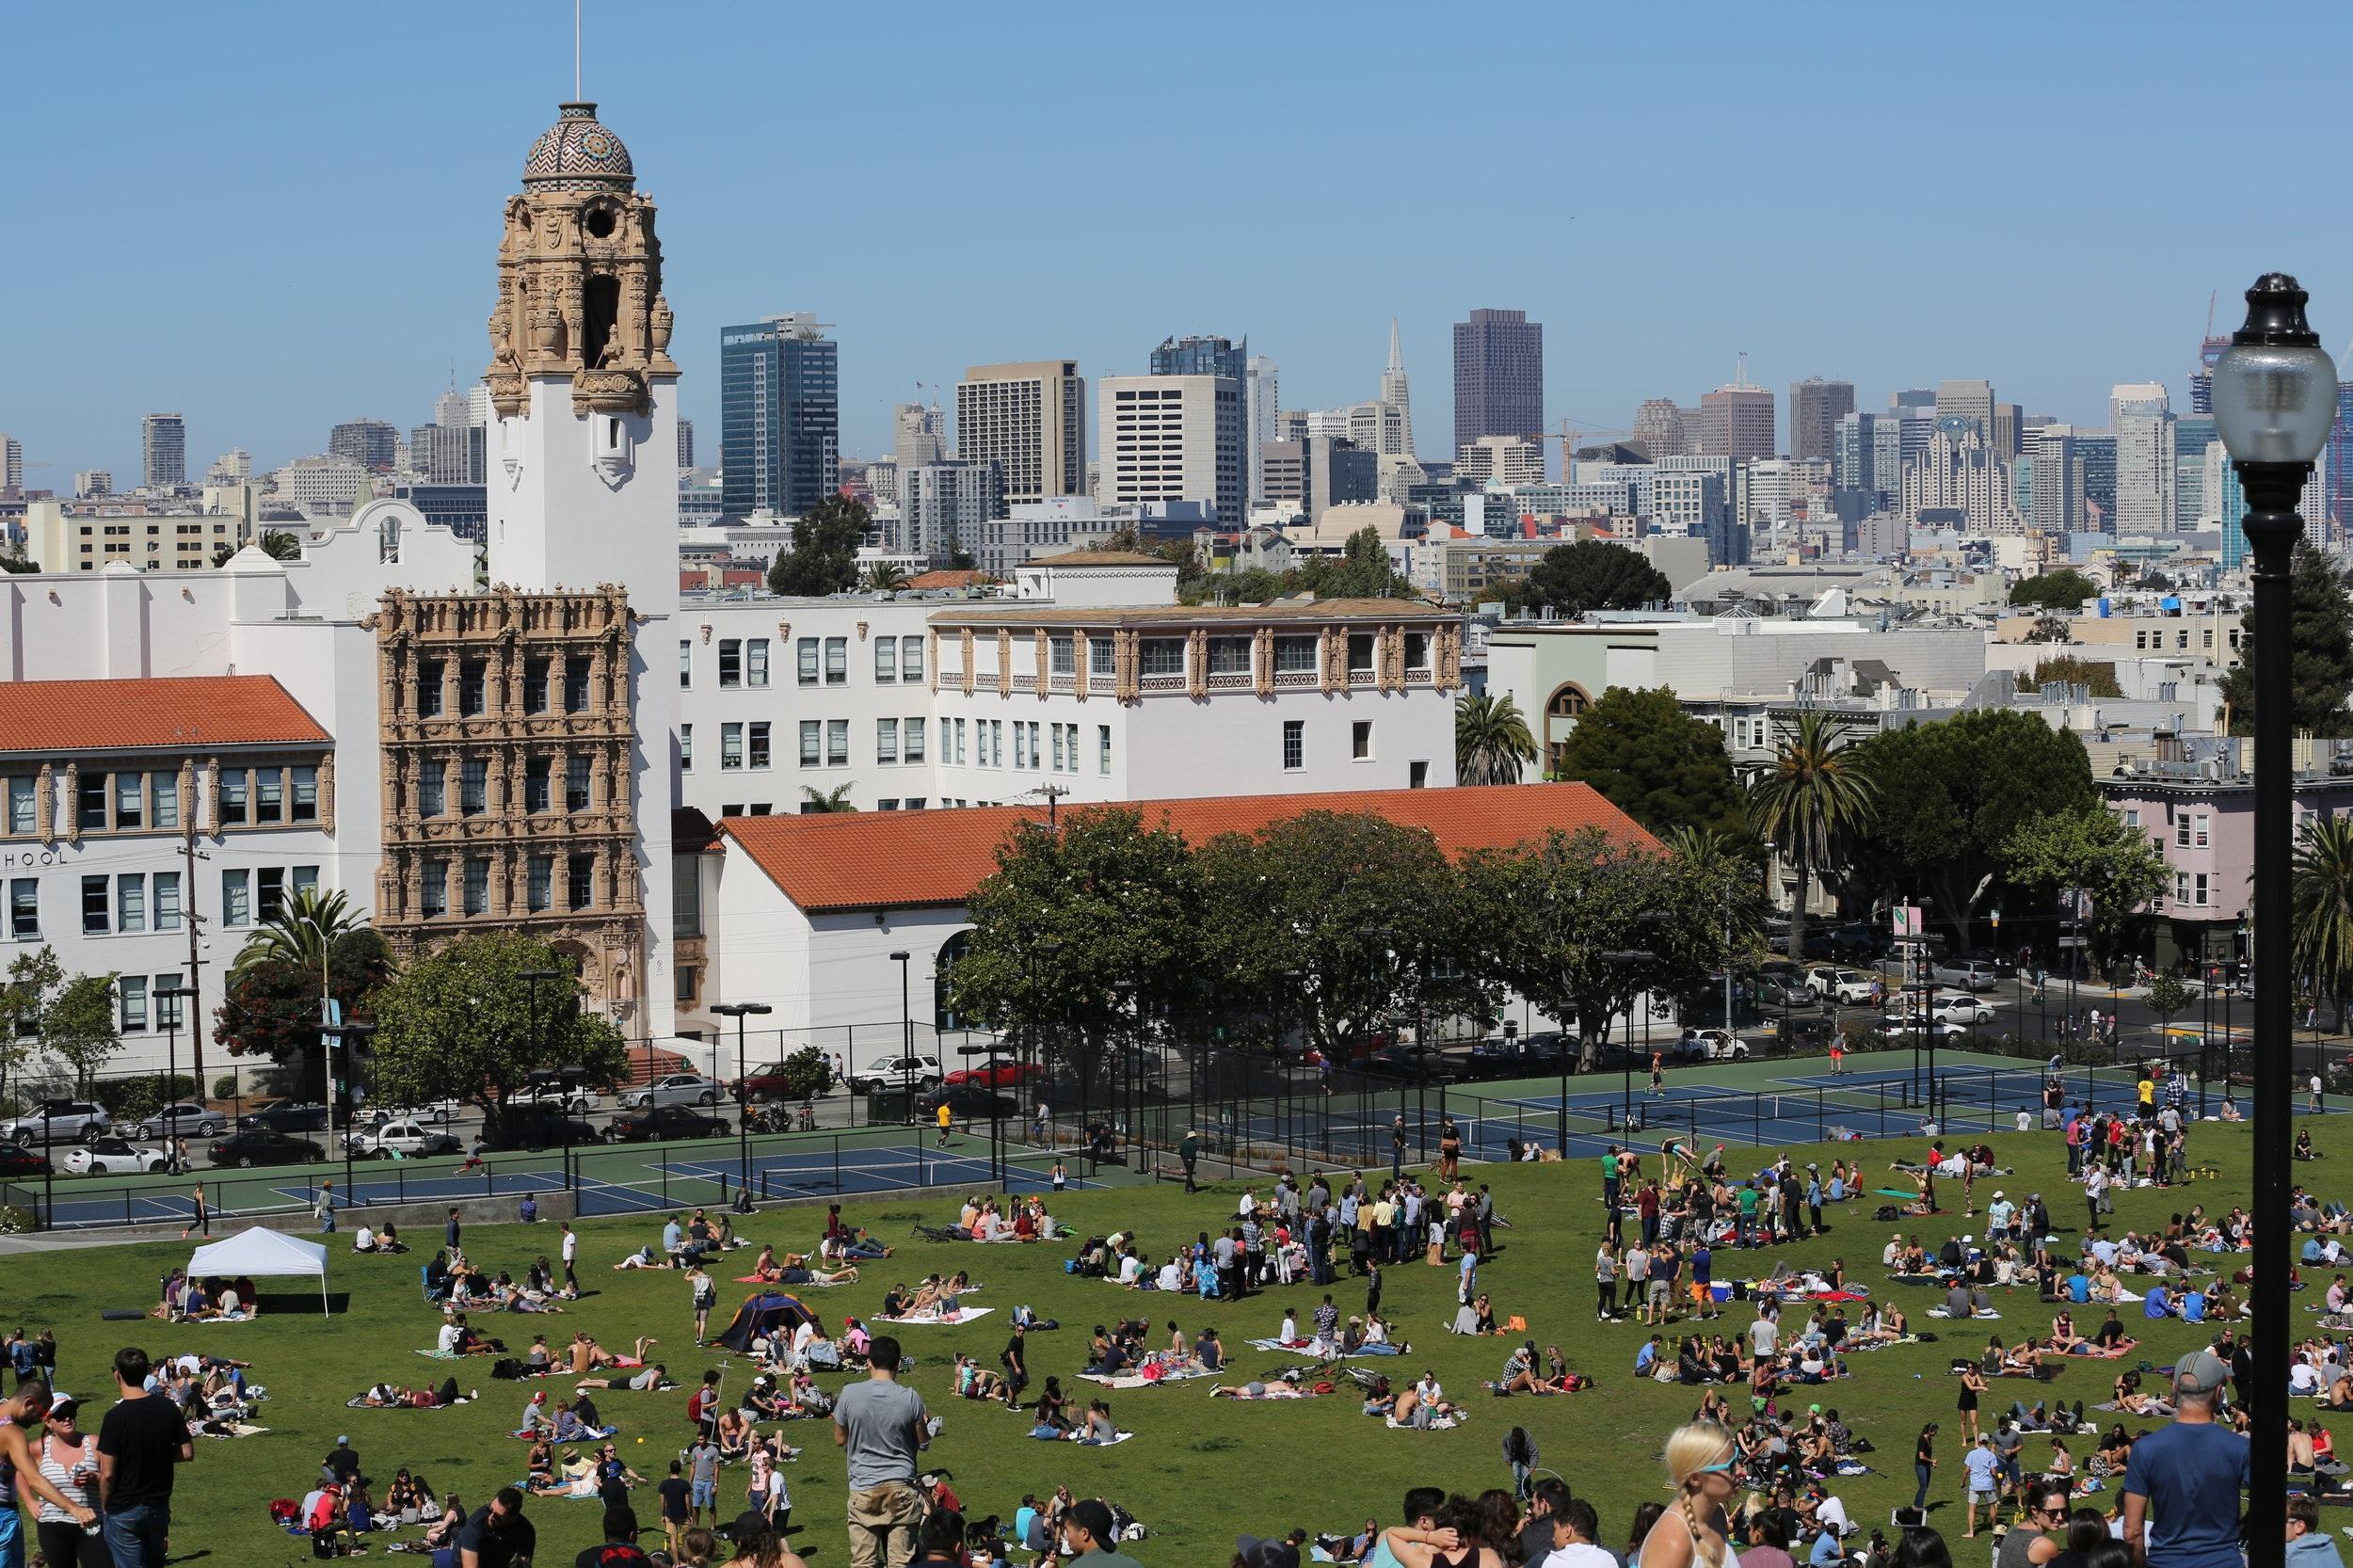 Dolores_Park_in_San_Francisco_%28TK2%29.jpg